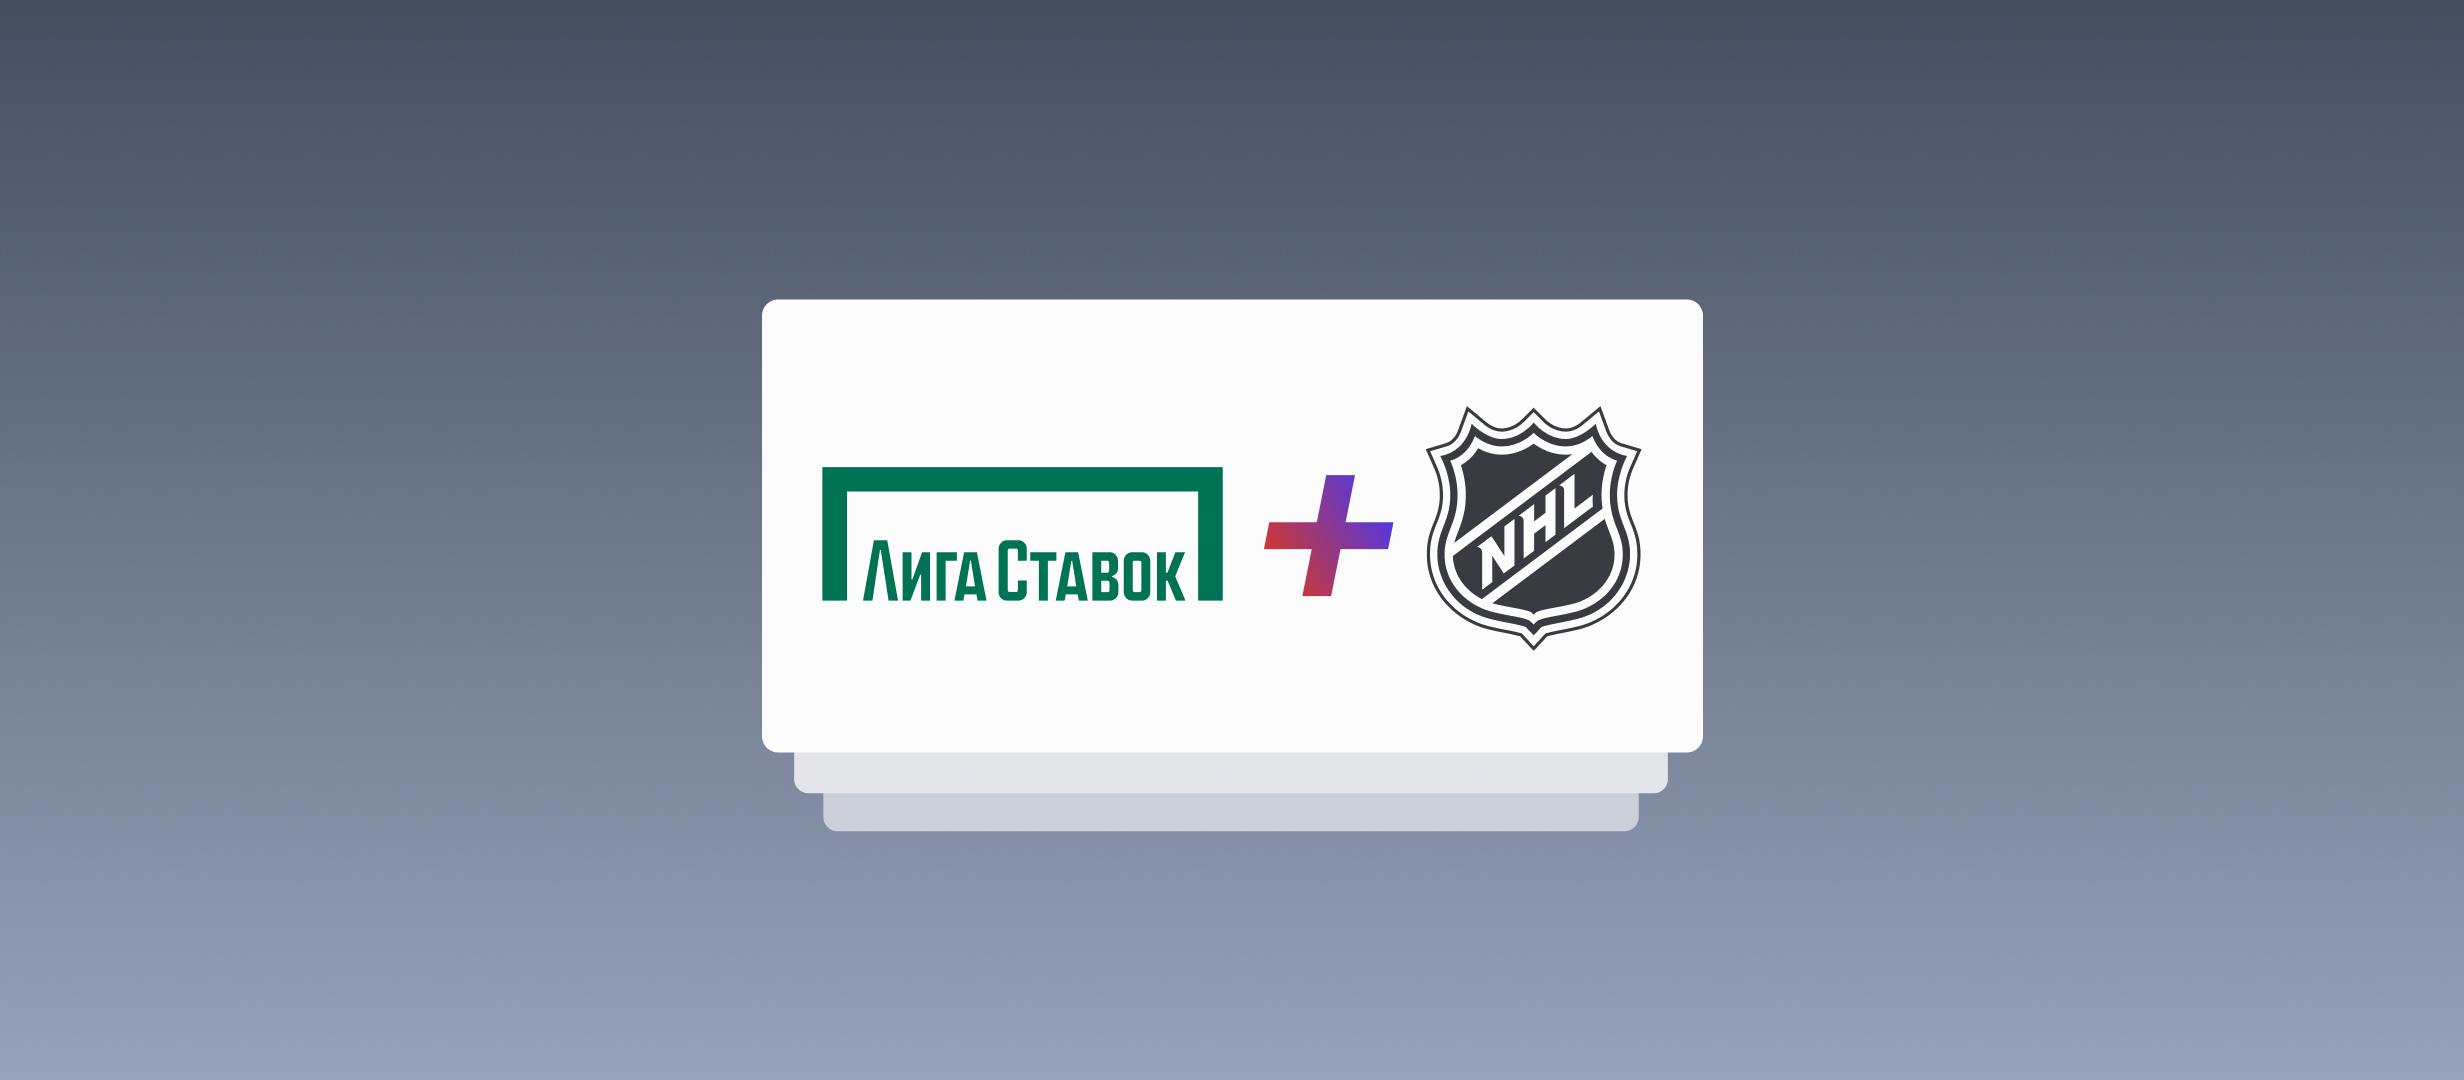 «Лига Ставок» стала партнёром НХЛ в России и СНГ